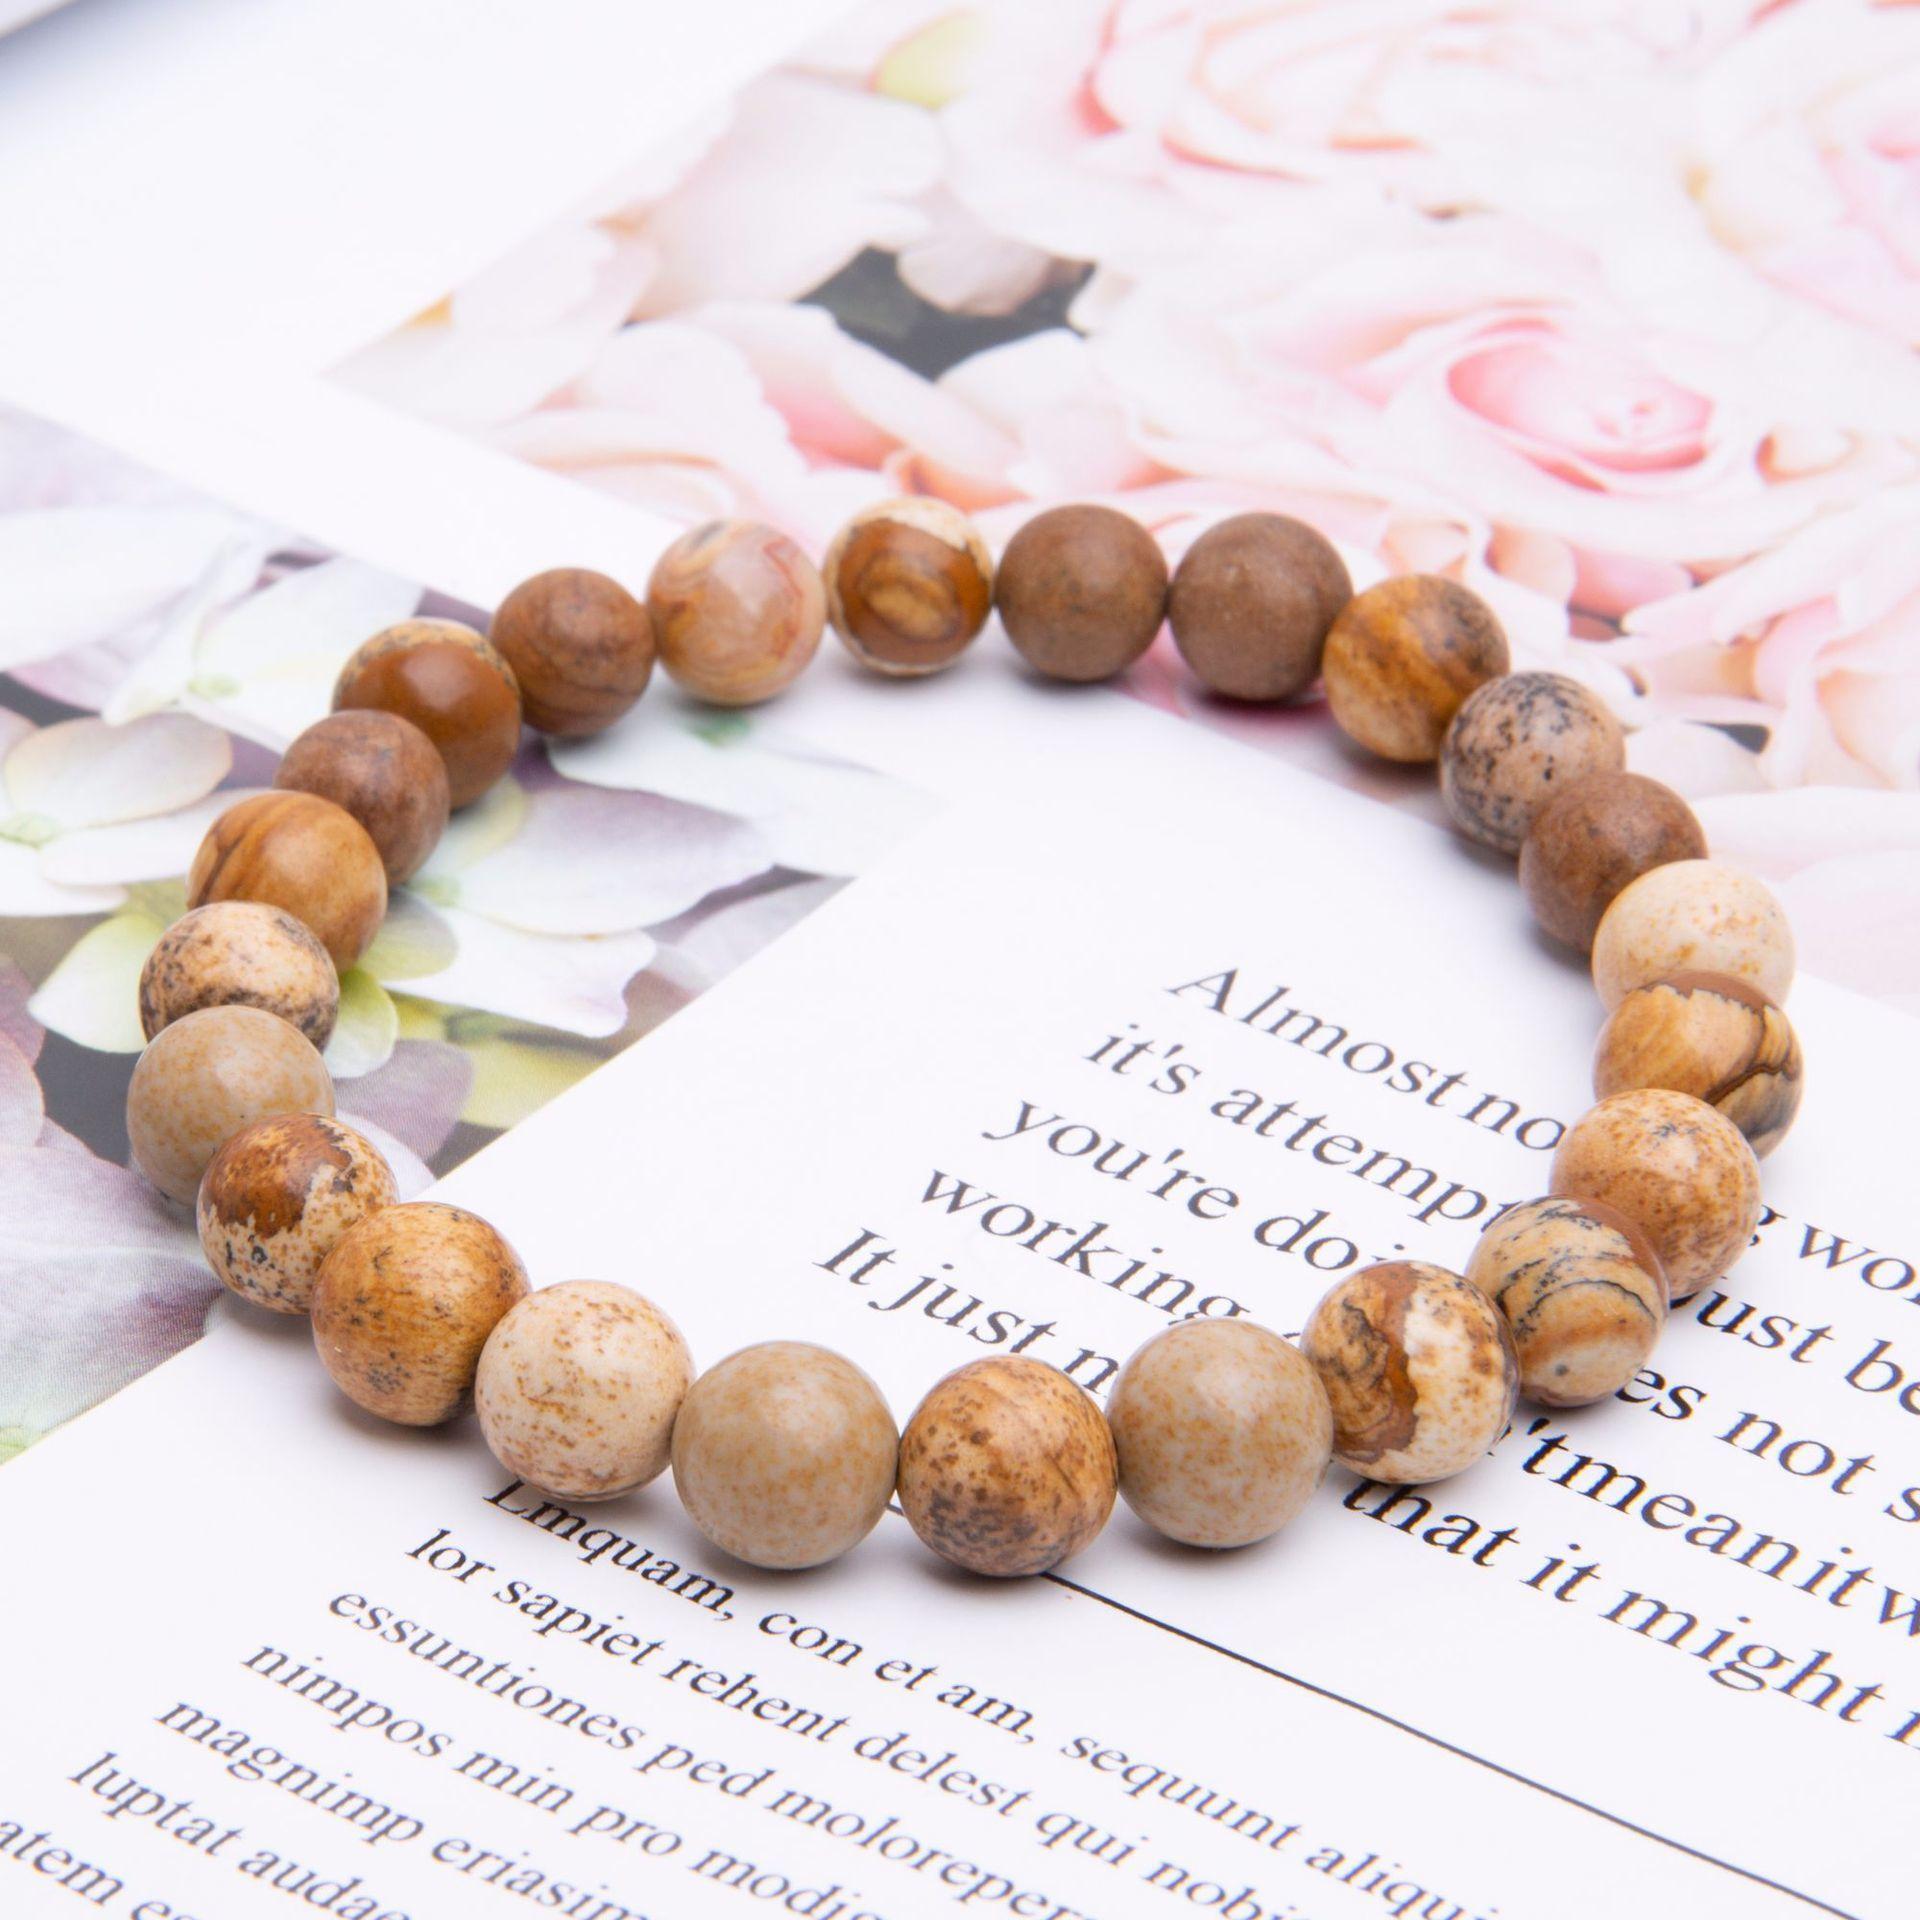 Ювелирные изделия Новый стиль фото Камень ручной работы бисером браслет мода йога энергия мужская рука ювелирных изделий